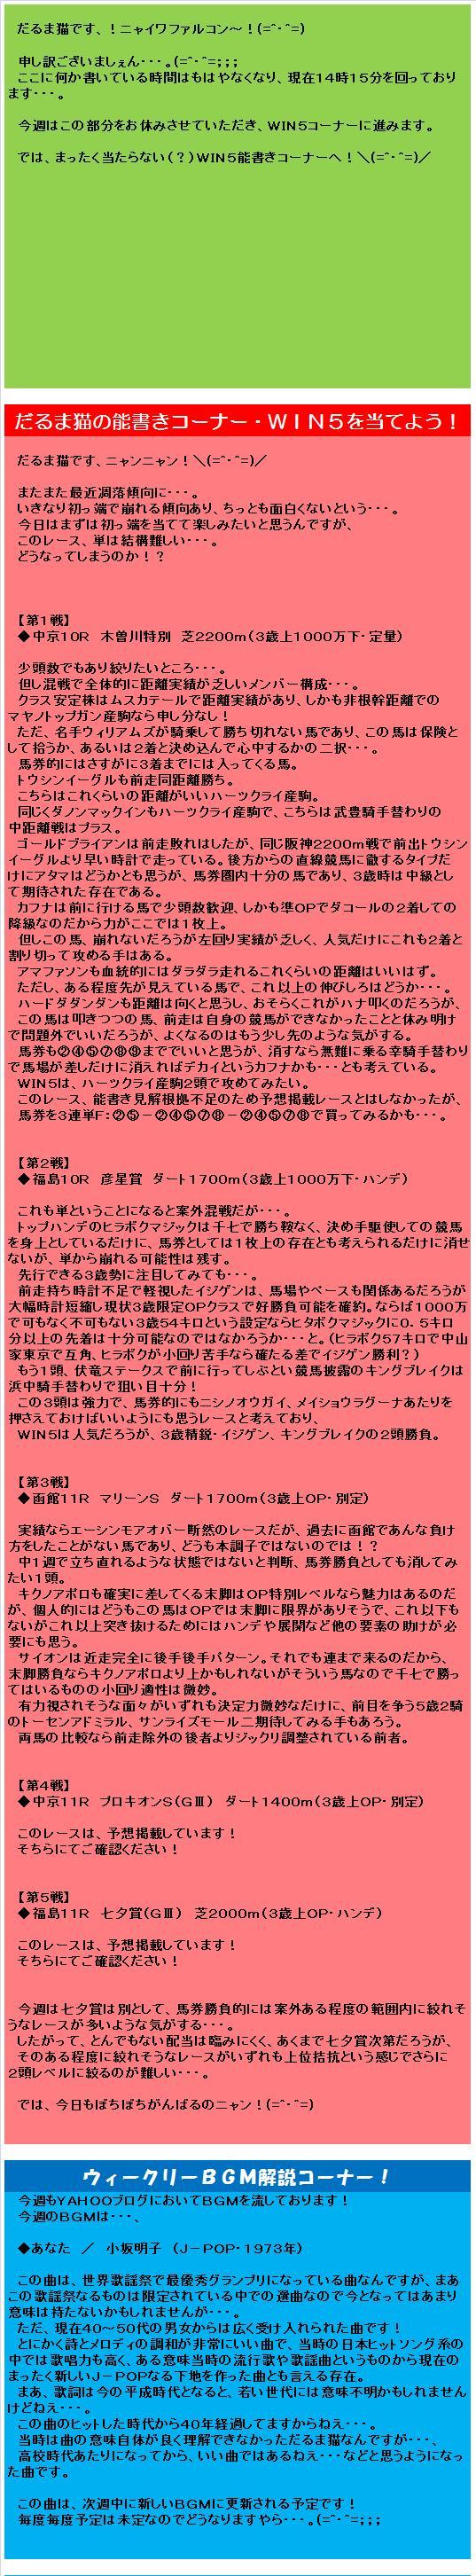 20120708・2鞍予想前フリ.jpg